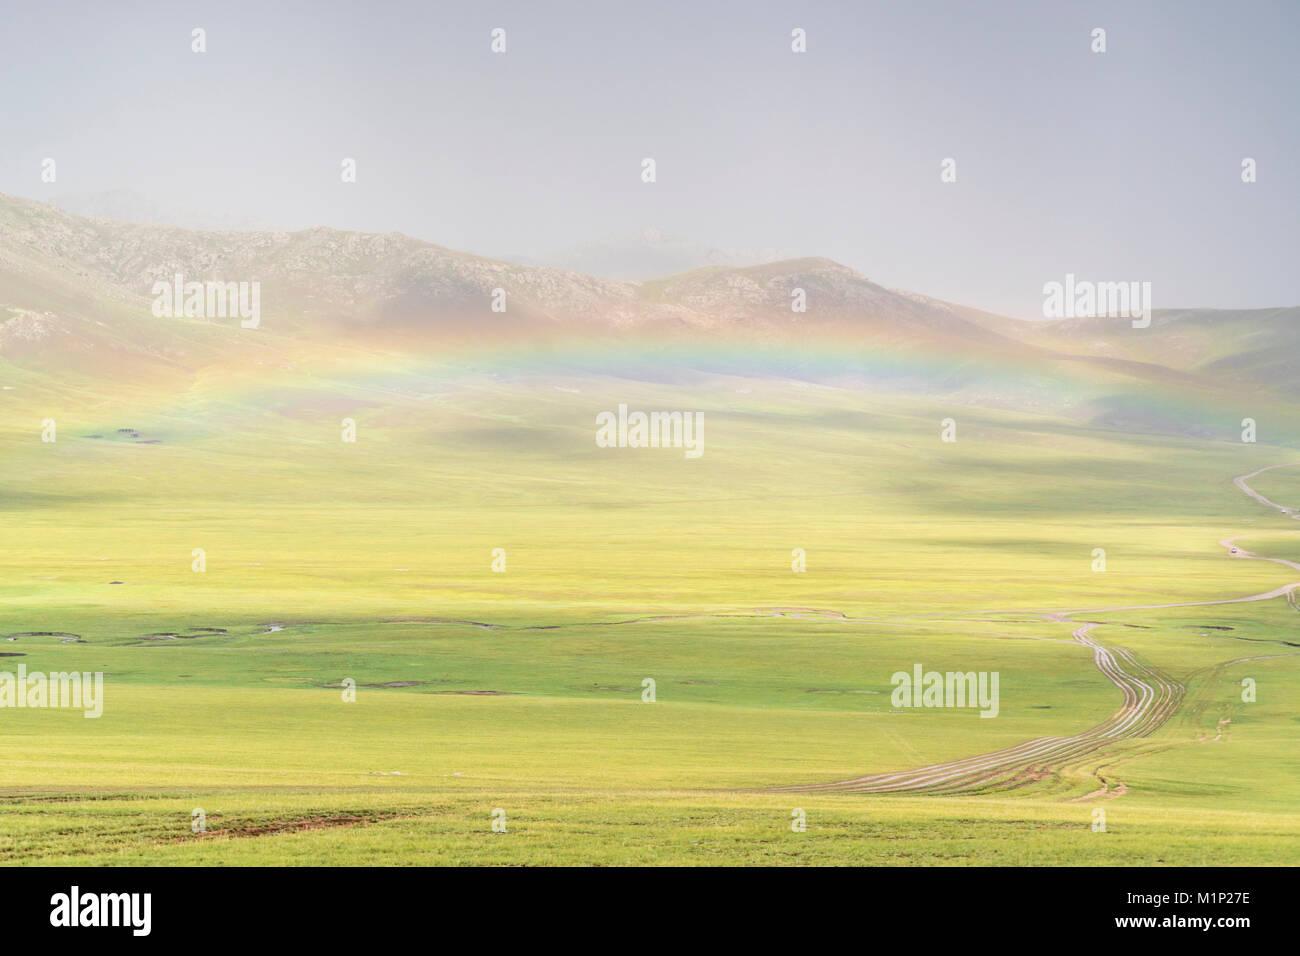 Arco iris sobre la verde estepa mongola, provincia Ovorkhangai, Mongolia, Asia Central, África Imagen De Stock